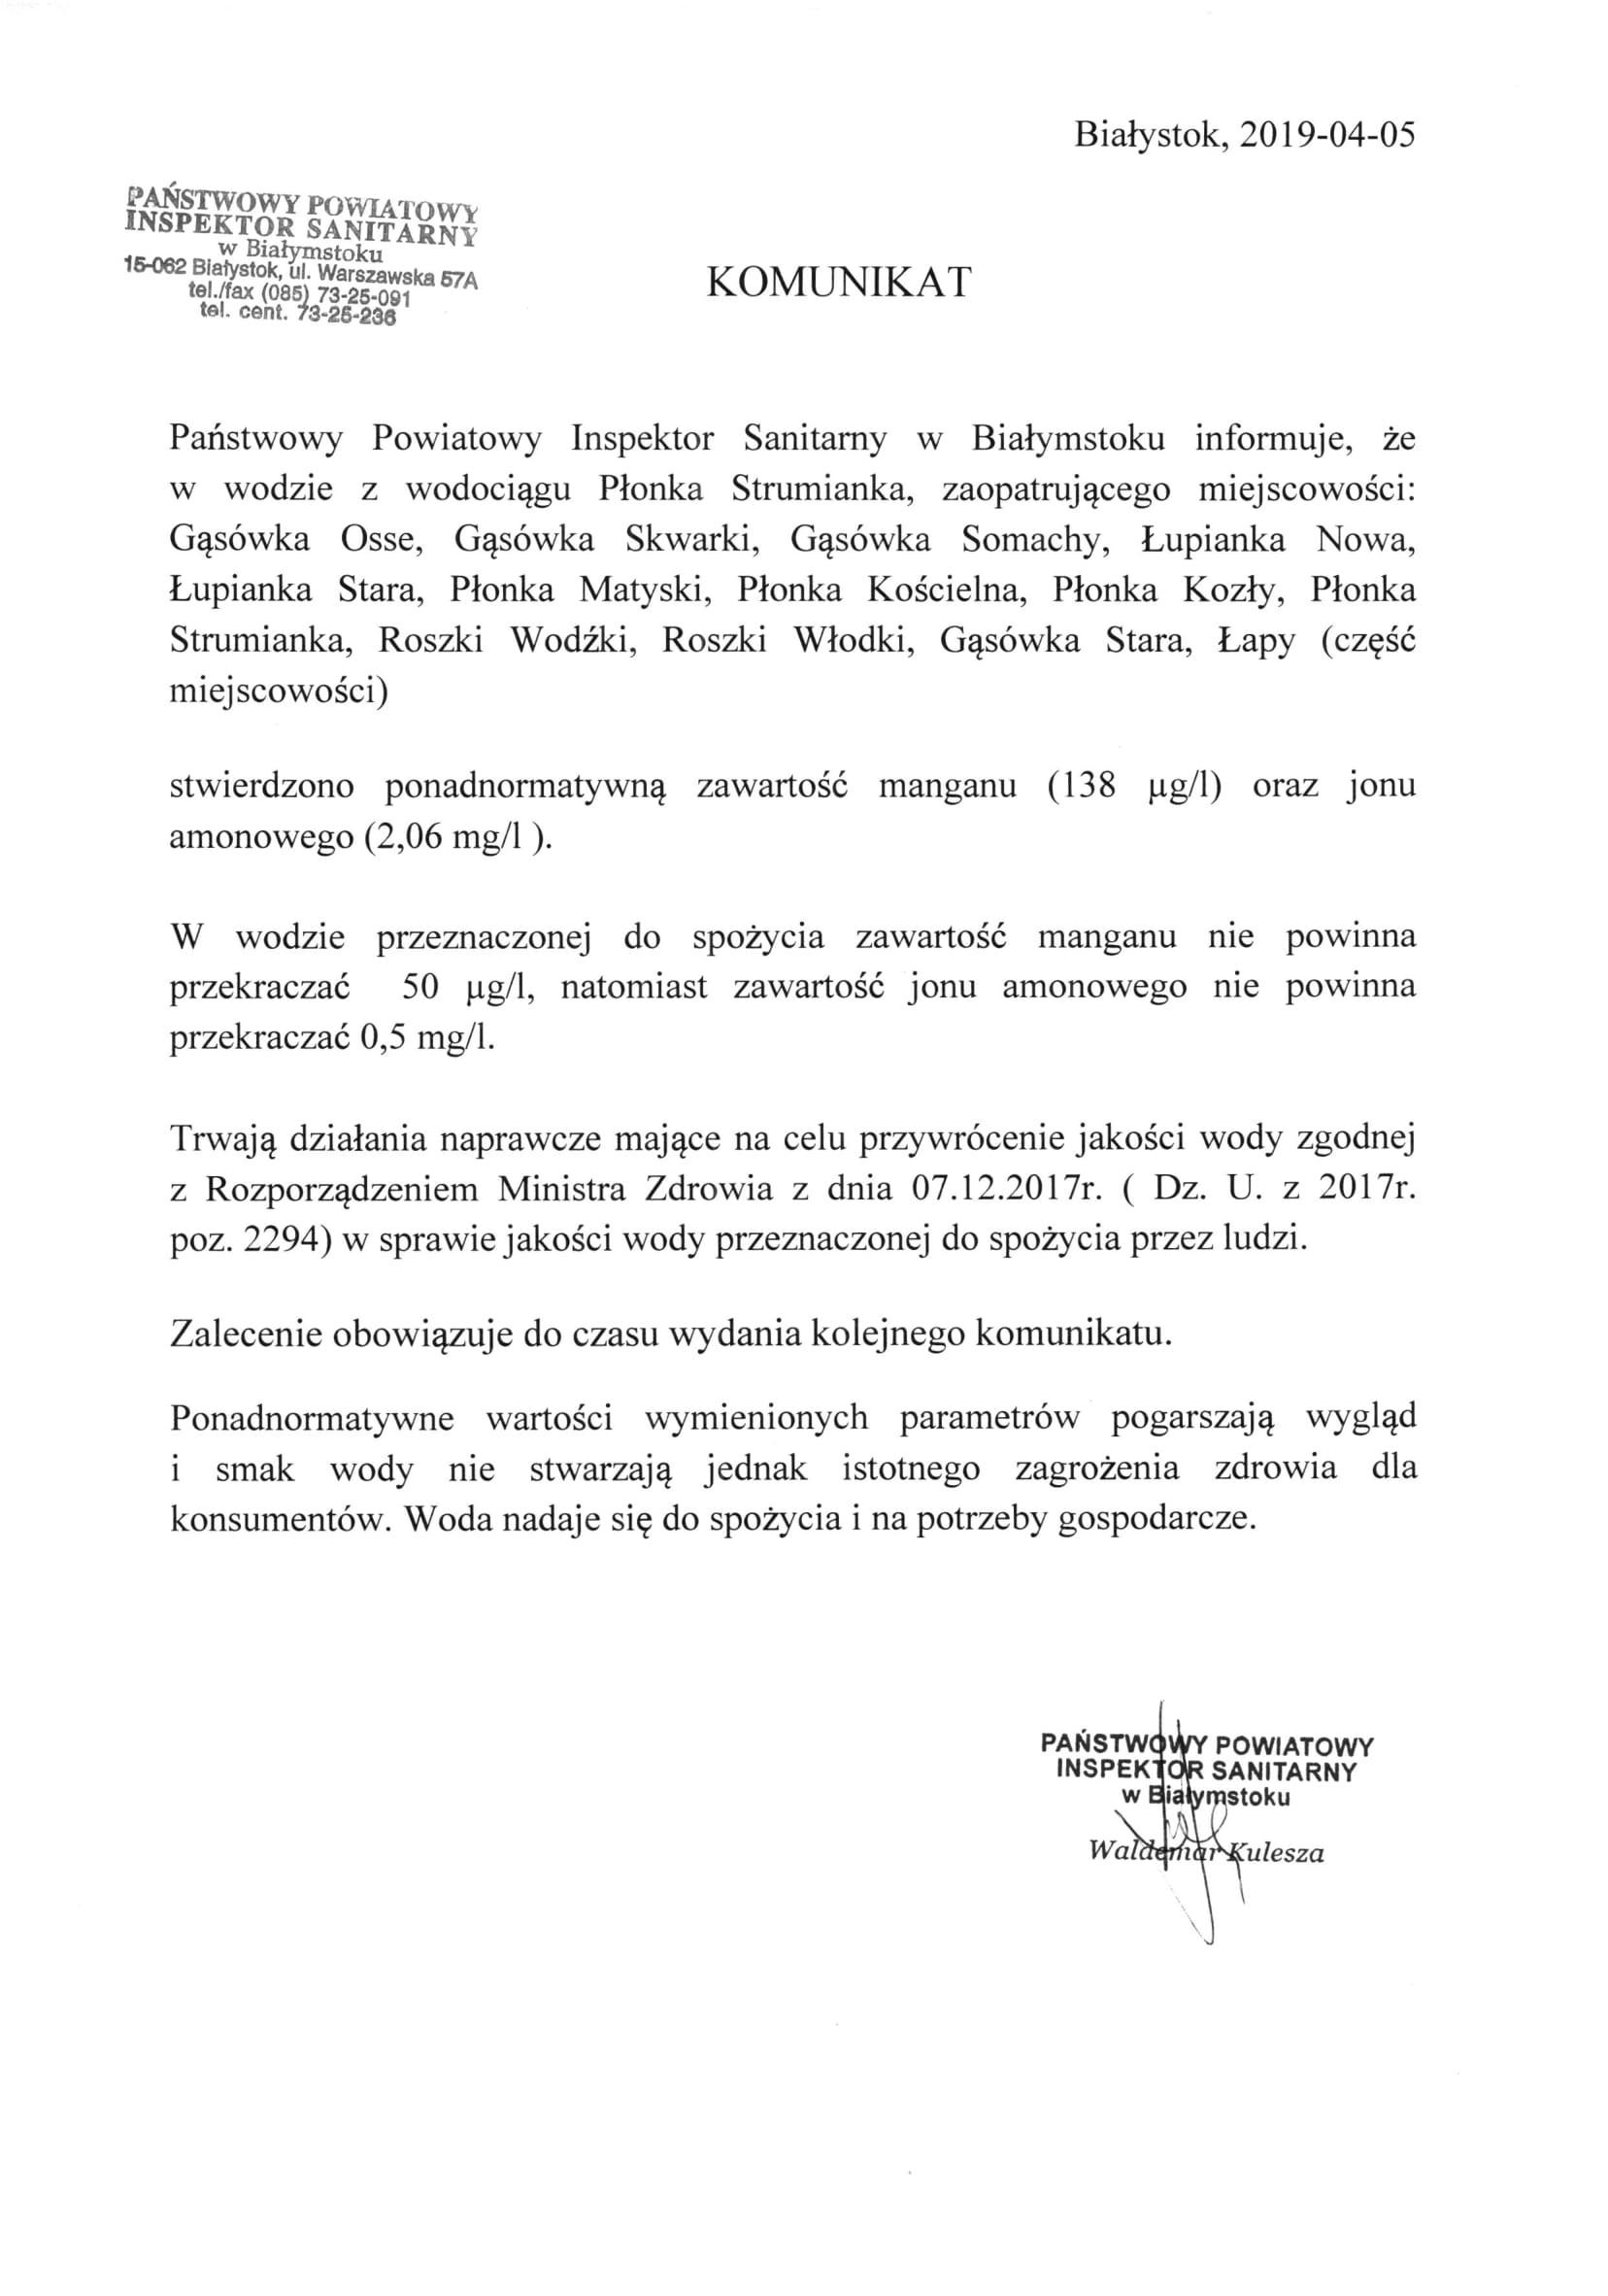 woda-jakosc_PłonkaStrumianka